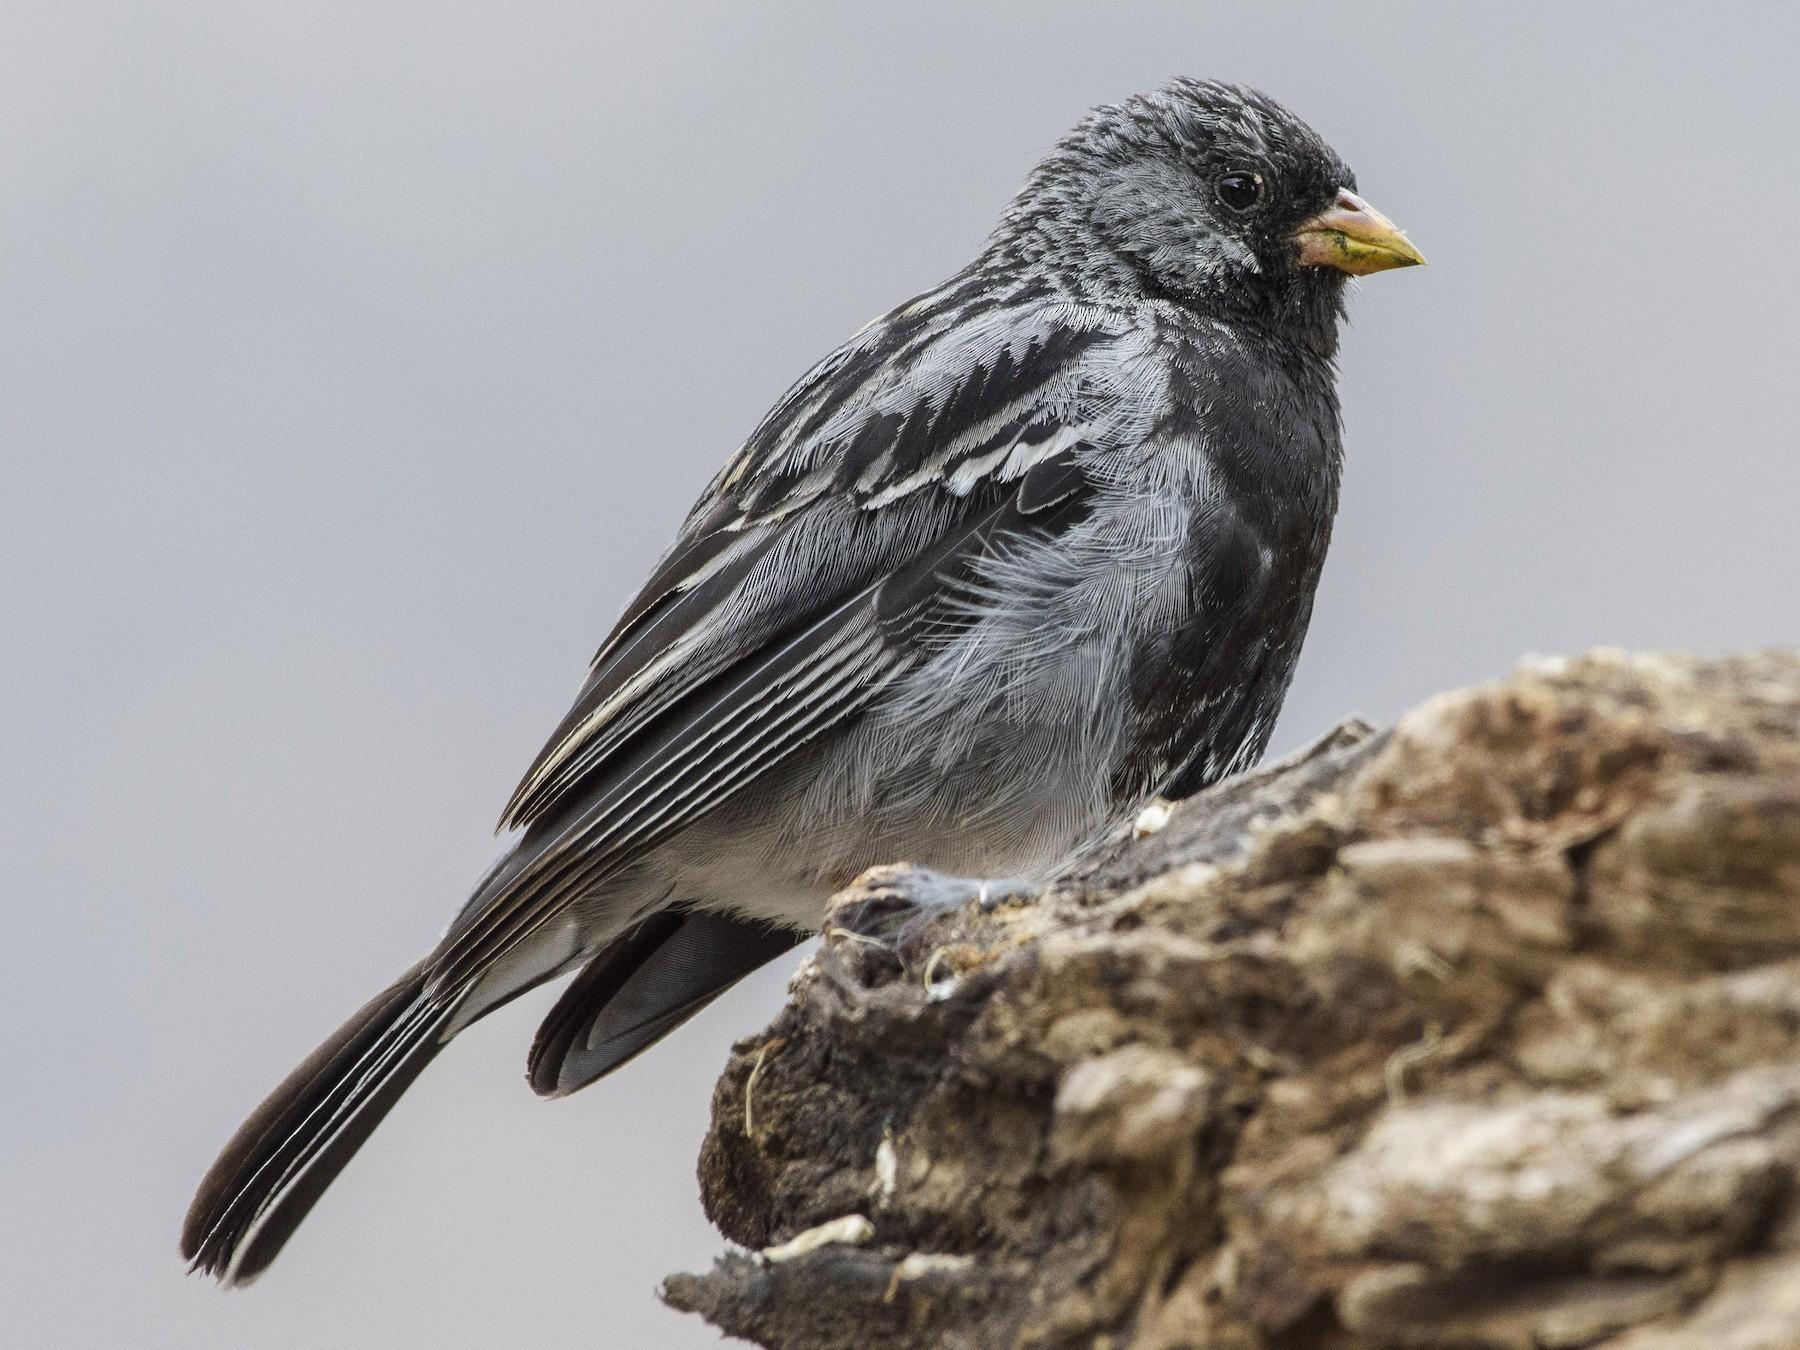 Mourning Sierra-Finch - VERONICA ARAYA GARCIA